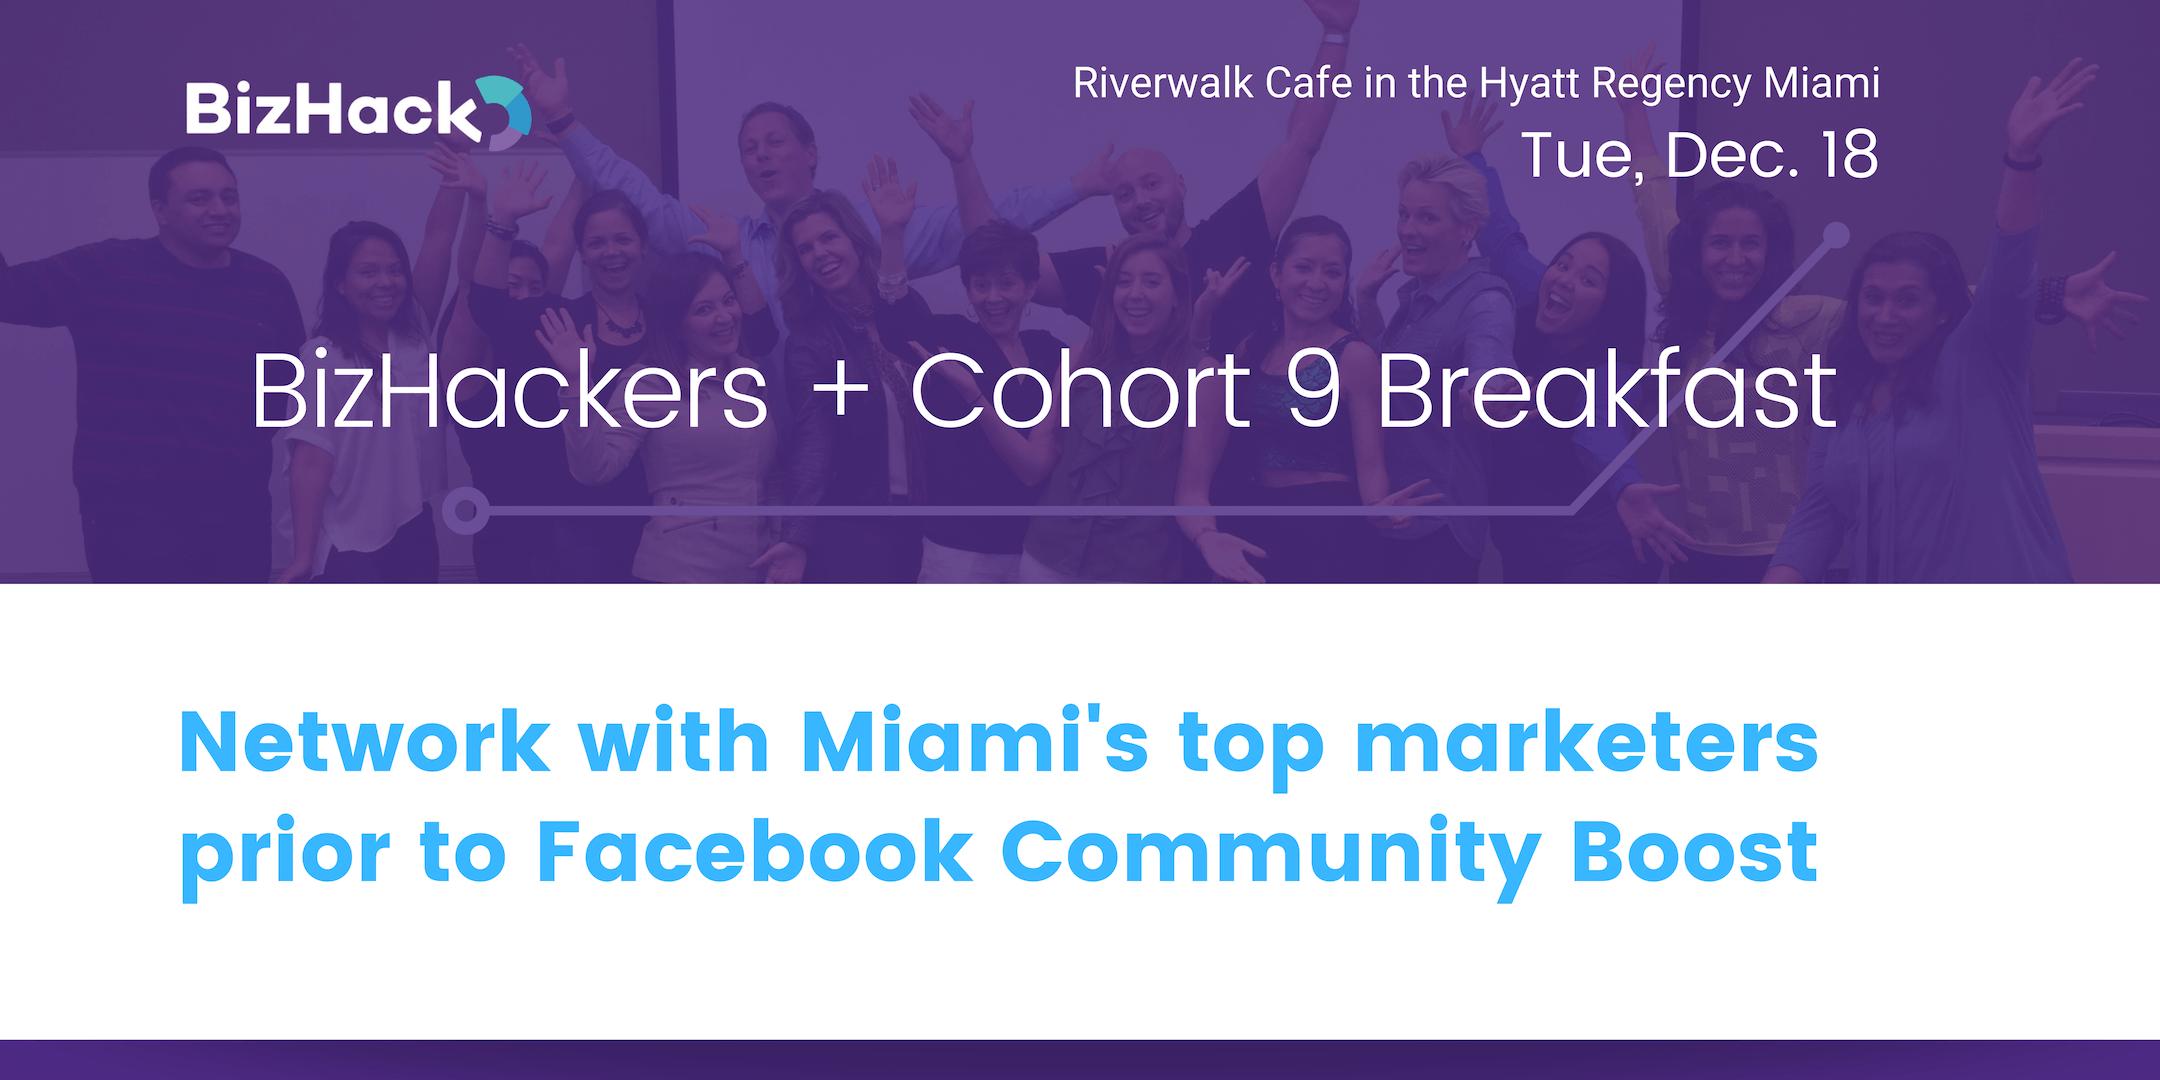 Cohort 9 + BizHackers Breakfast